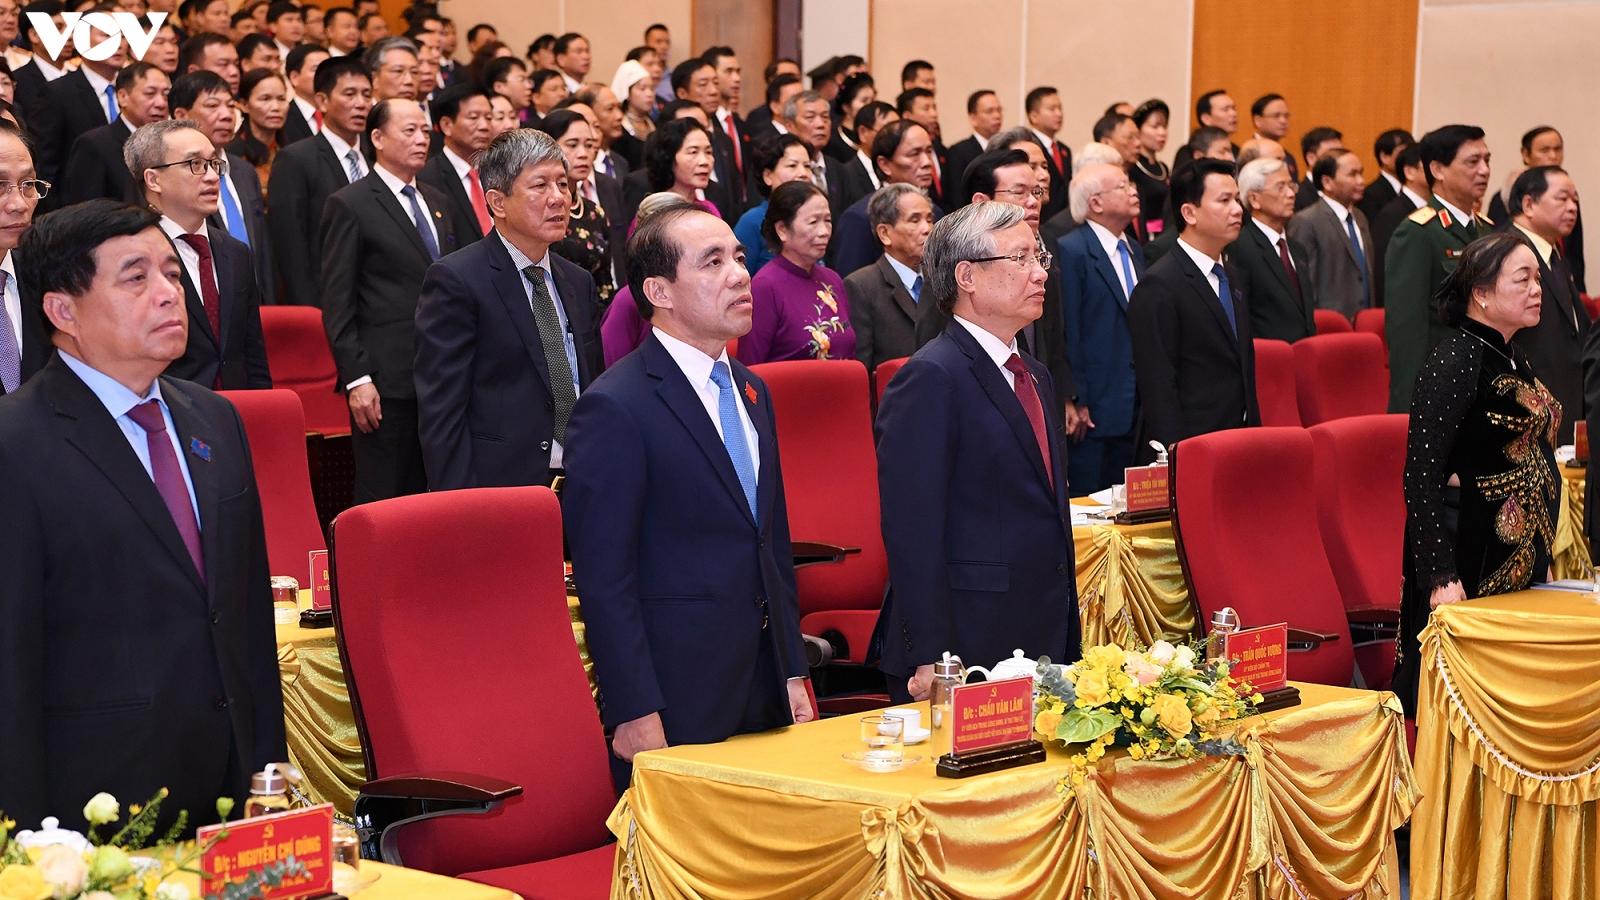 Thường trực Ban Bí thư Trần Quốc Vượng dự và chỉ đạo Đại hội Đảng bộ tỉnh Tuyên Quang